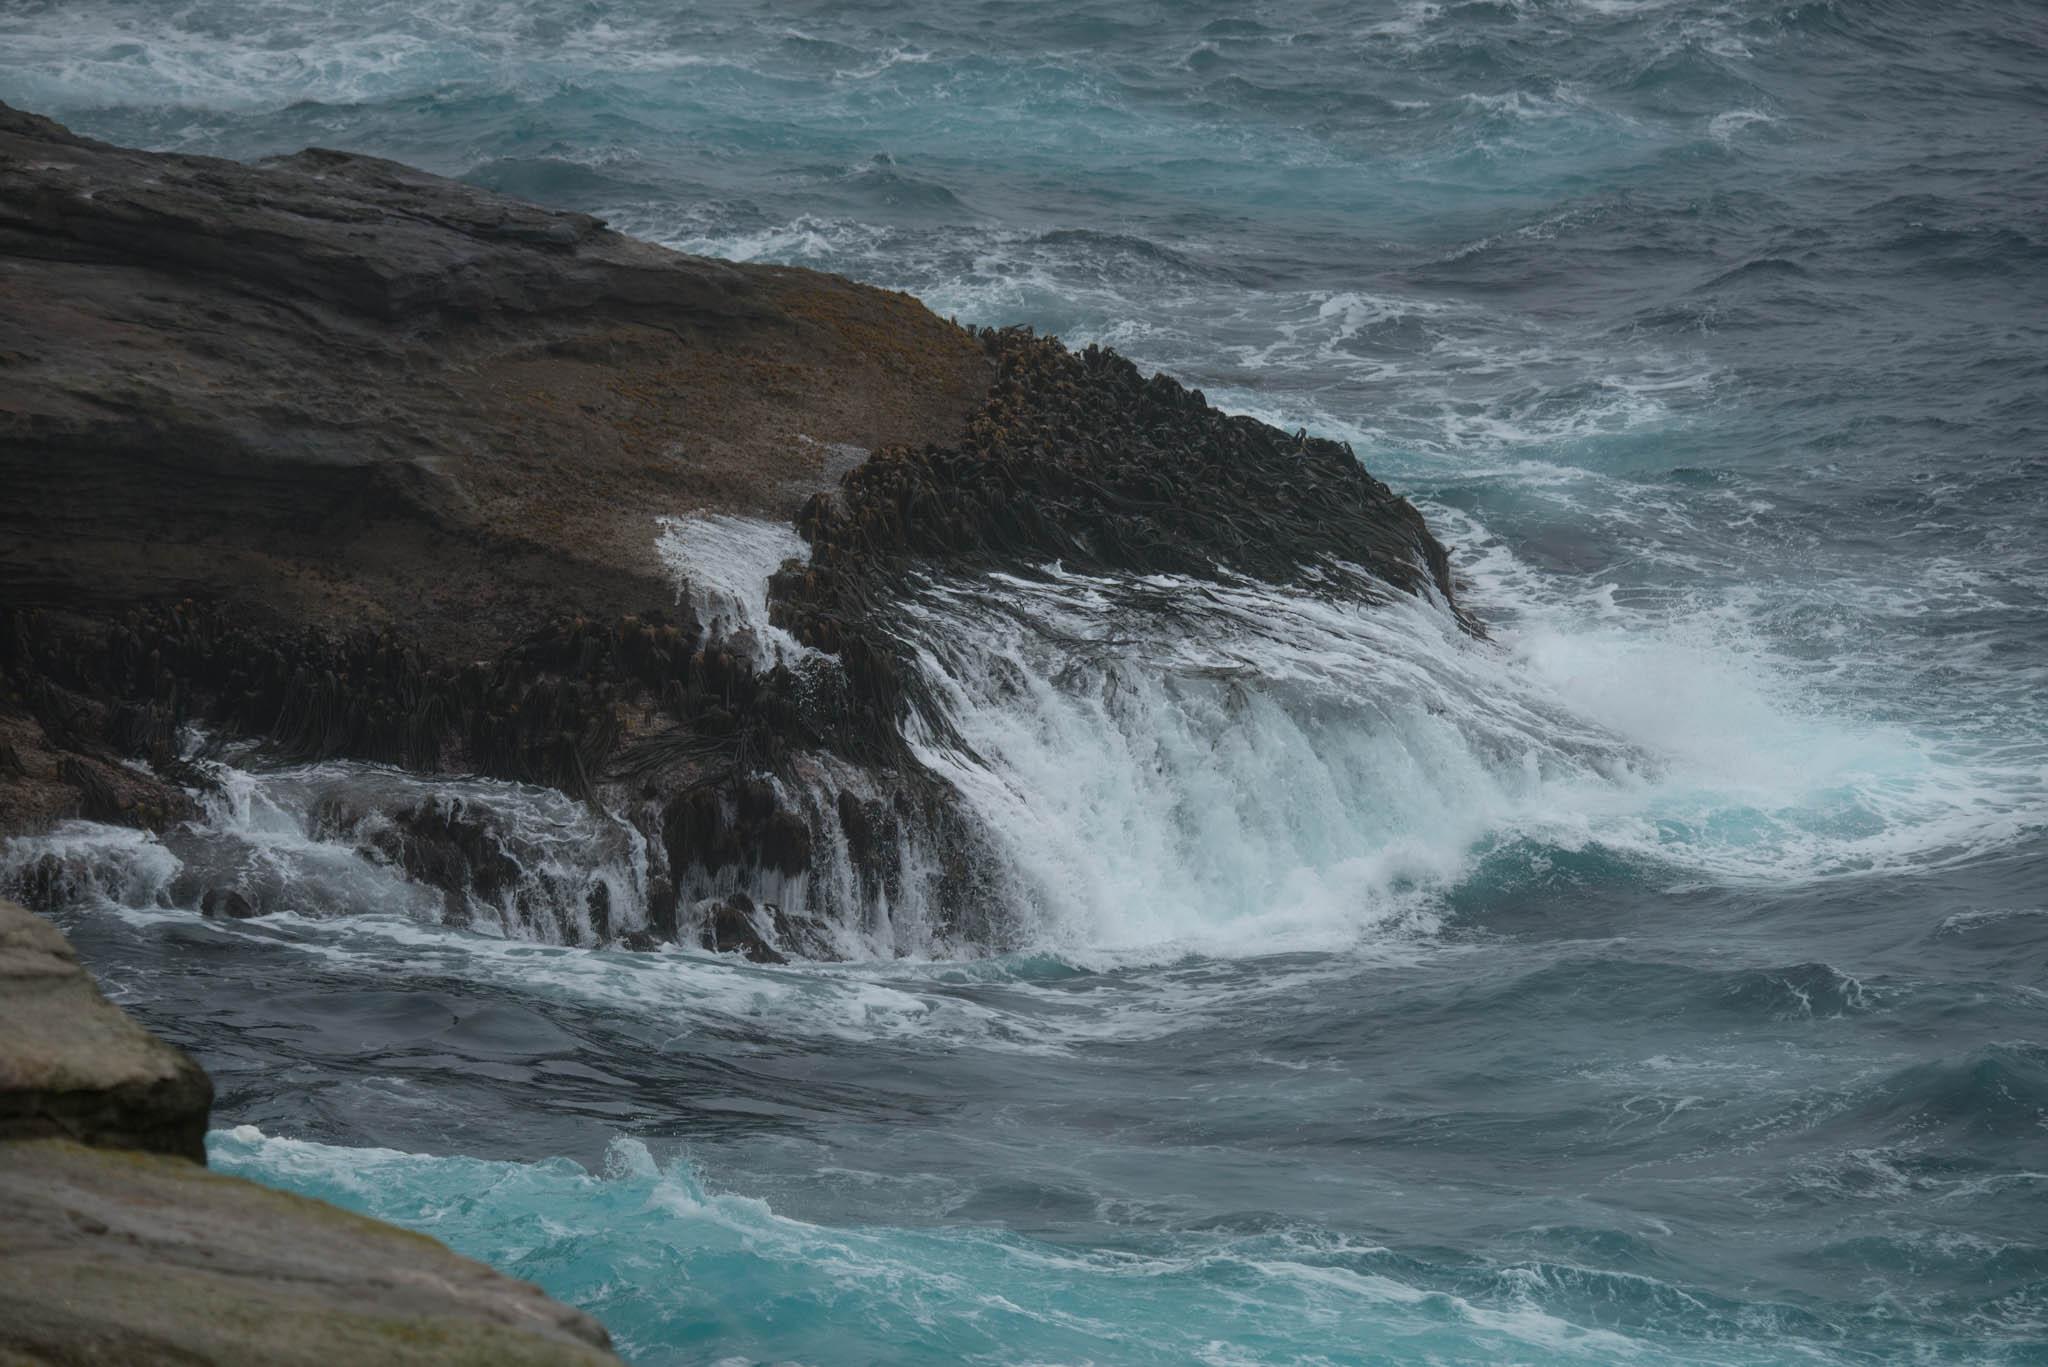 Waves at New Island